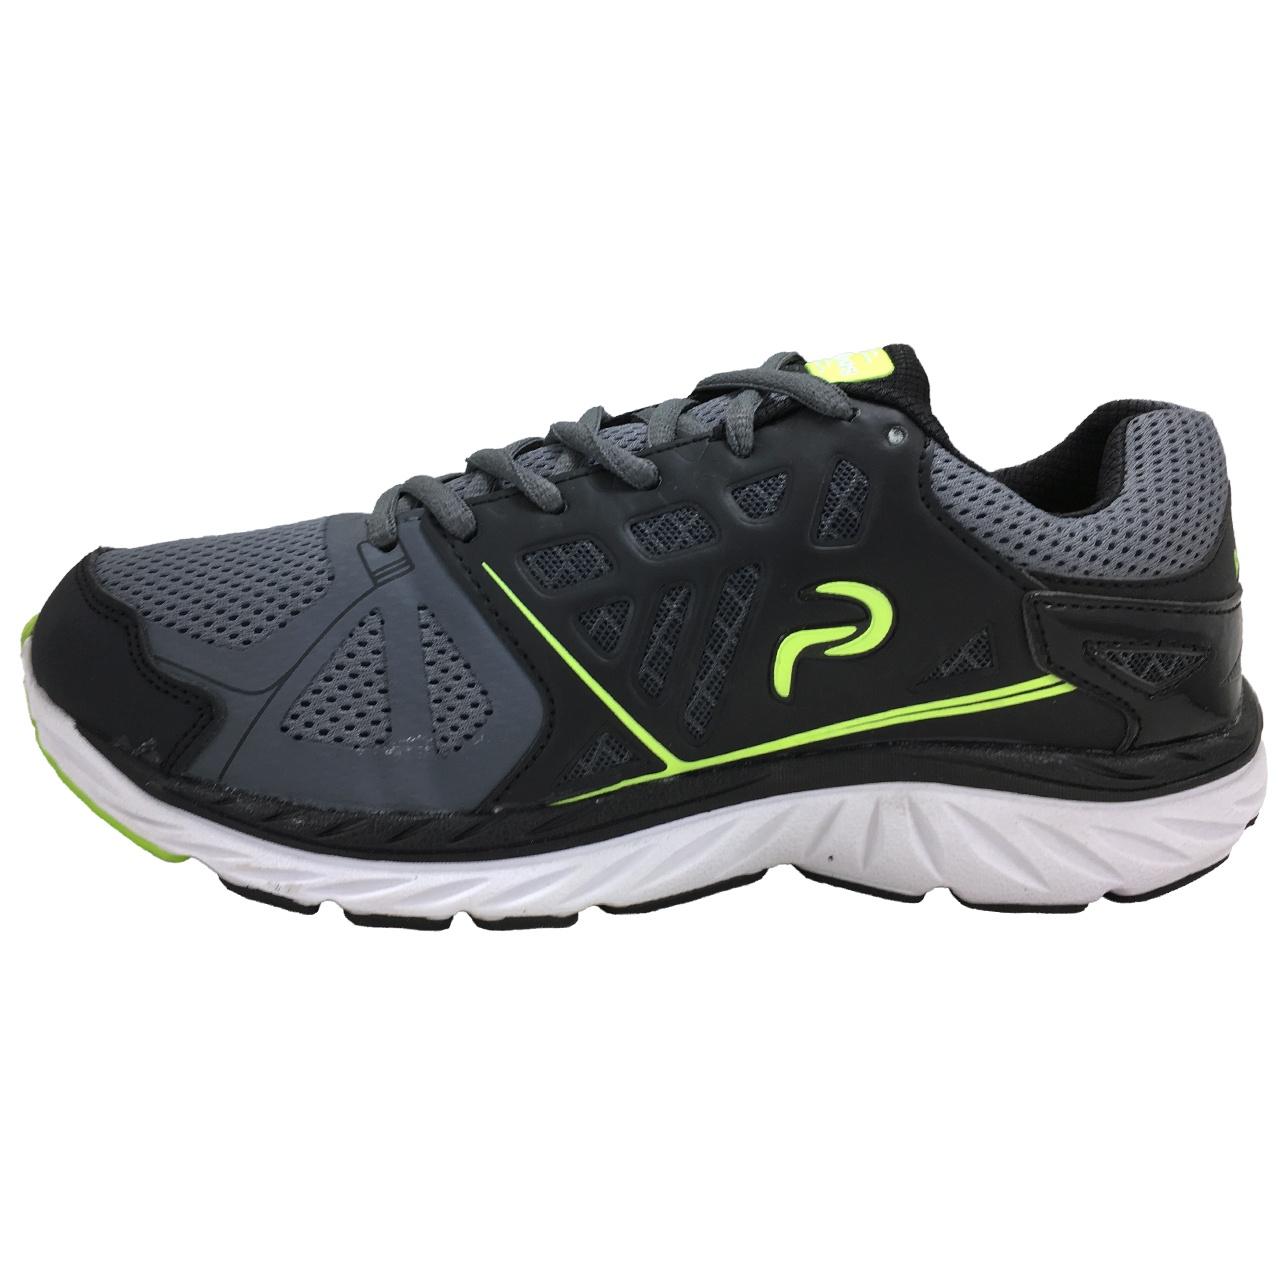 کفش ورزشی مردانه مدل ویکتوریا کد 2849